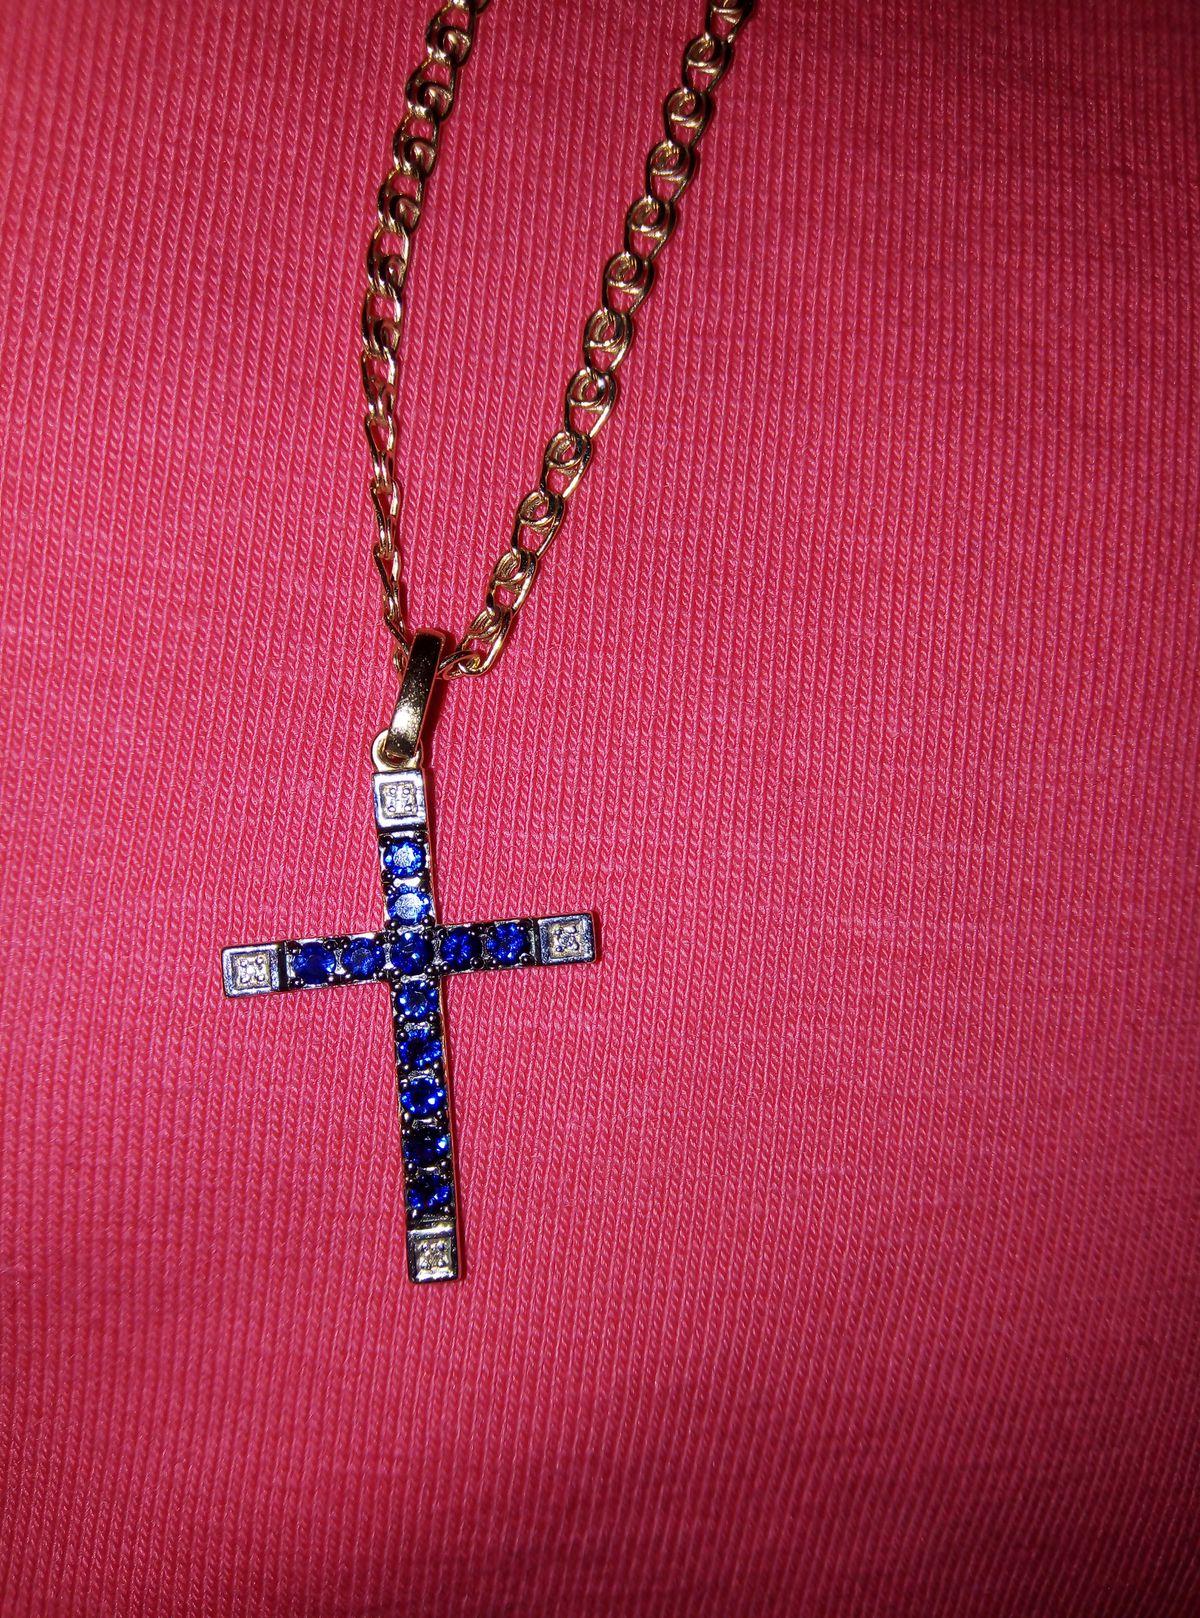 Купила крестик с сапфирами и брильянтами! Очень красивый!